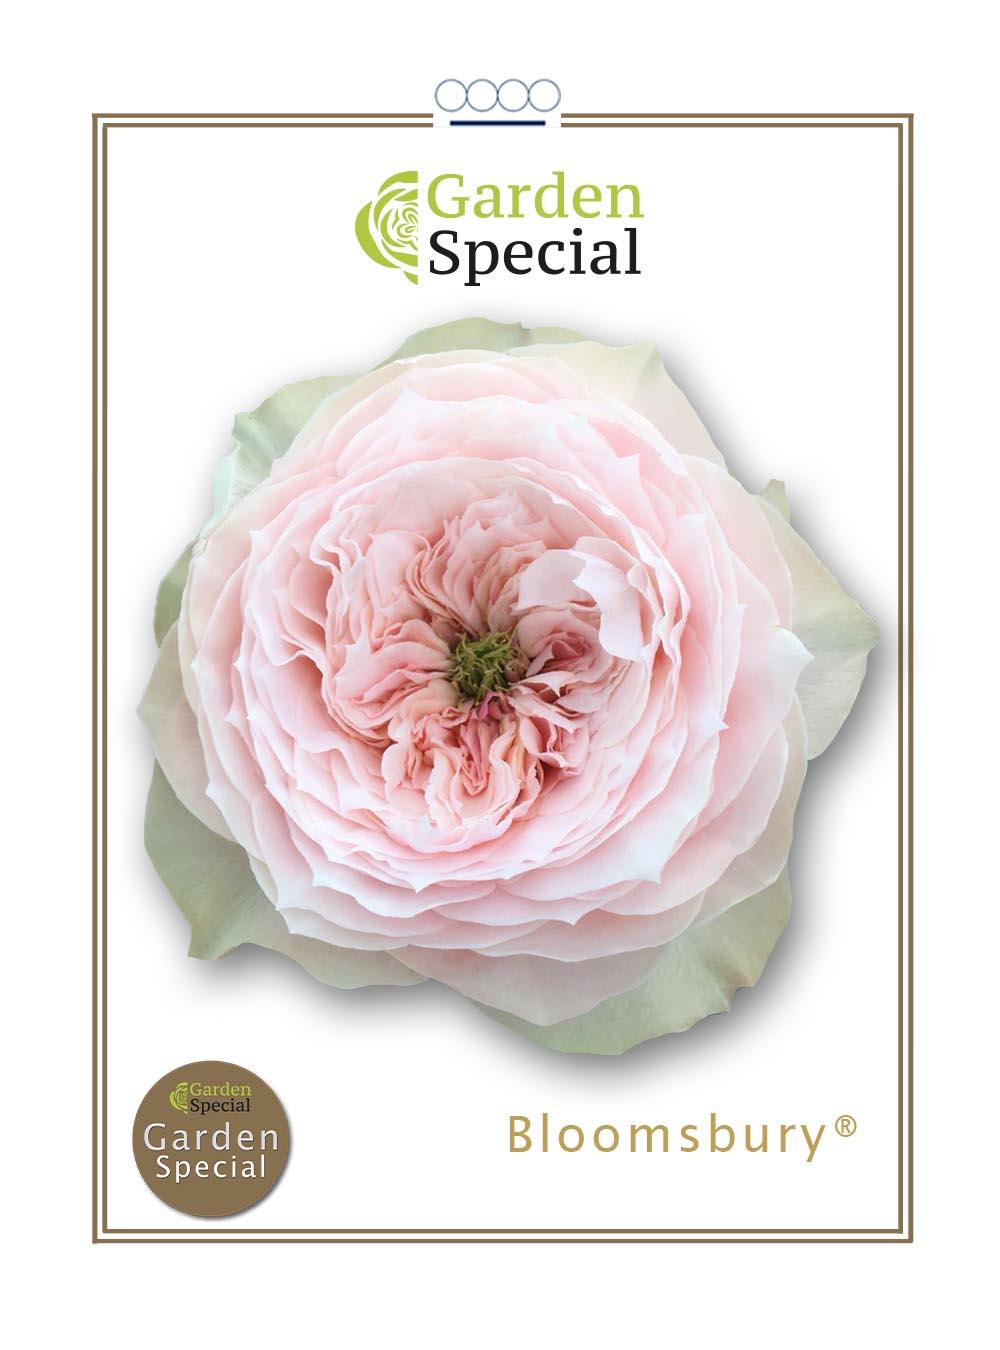 Bloomsbury®